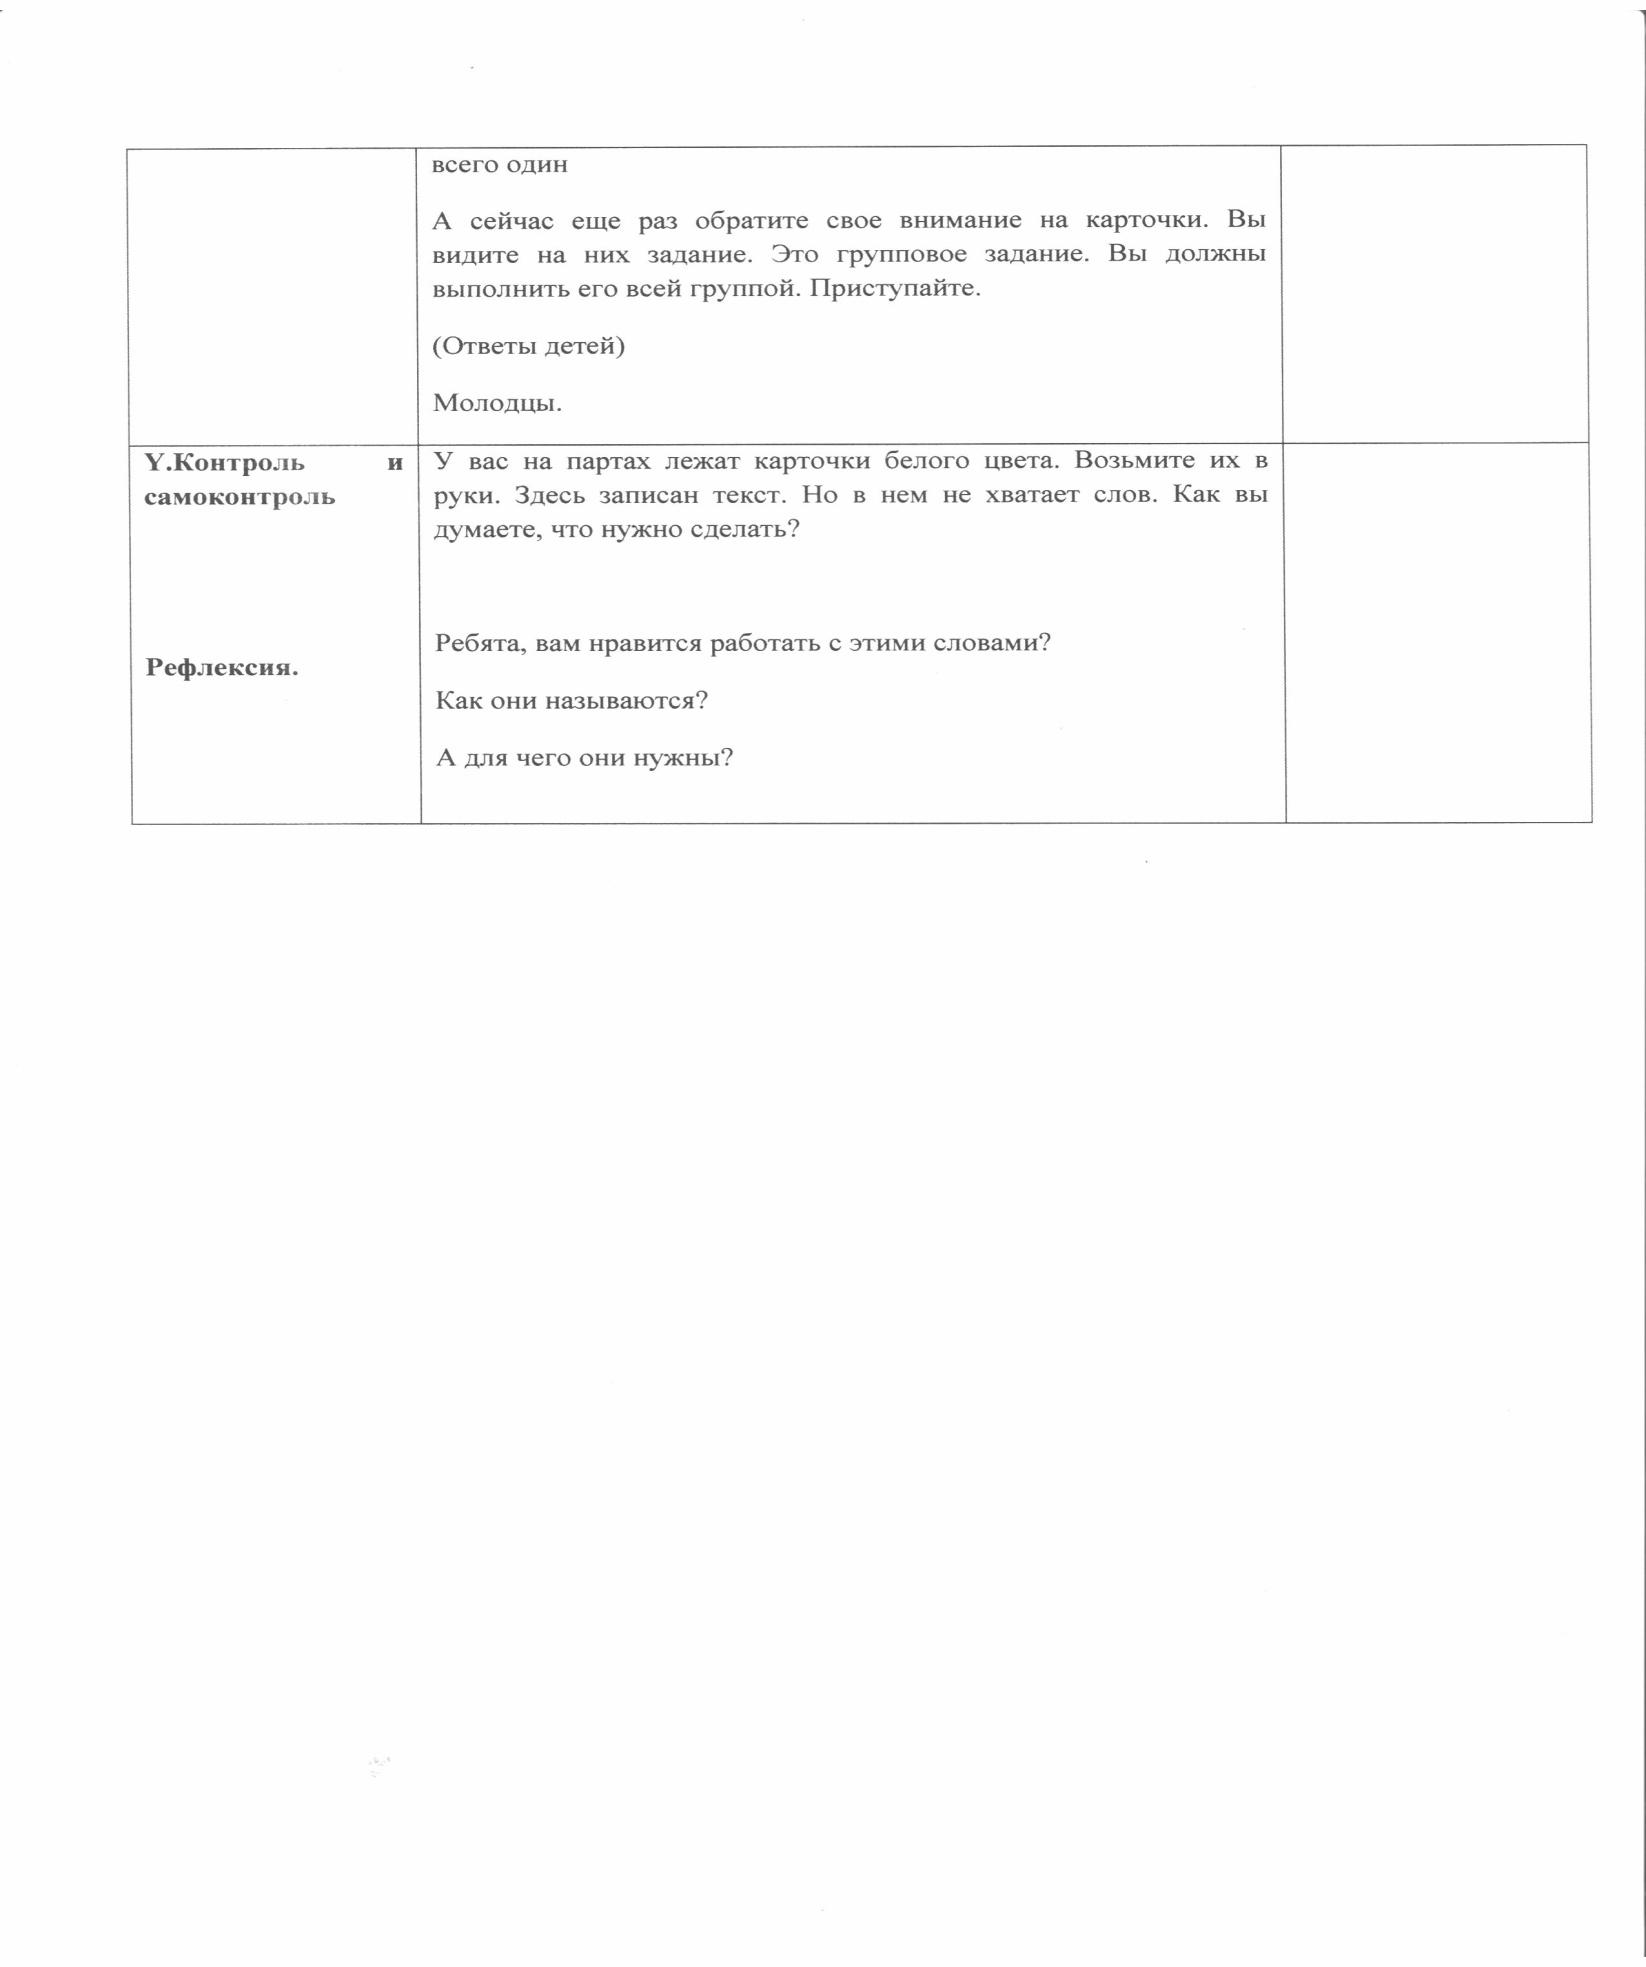 C:\Users\жюдьолд\Desktop\уроки мои\лист 4 001.jpg